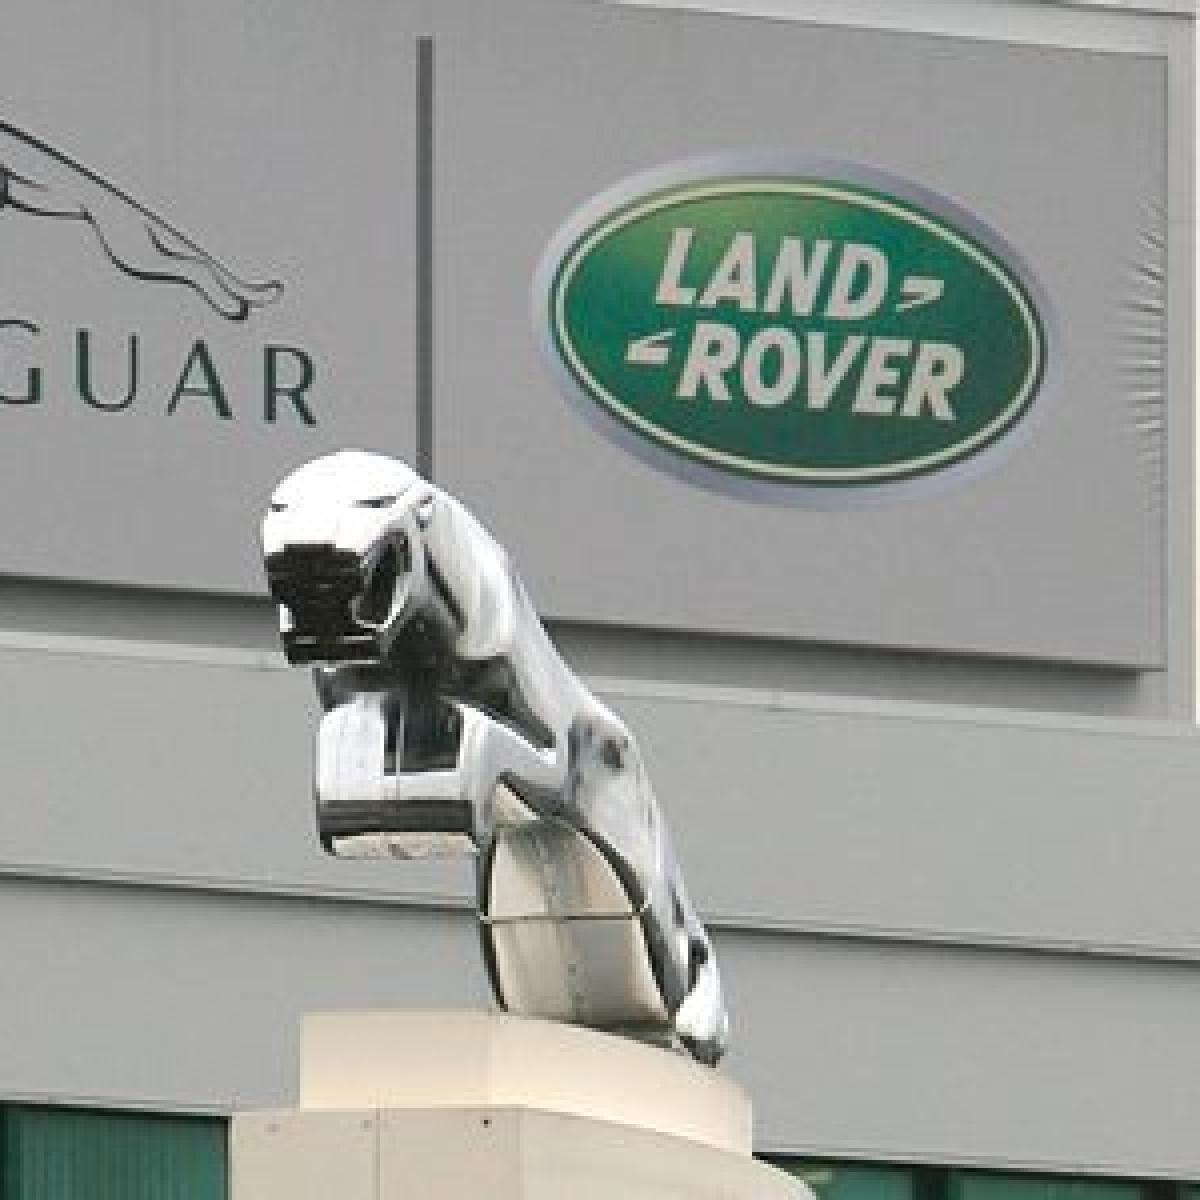 Jaguar Land Rover's global sales down 0.7% in Jul-Sep